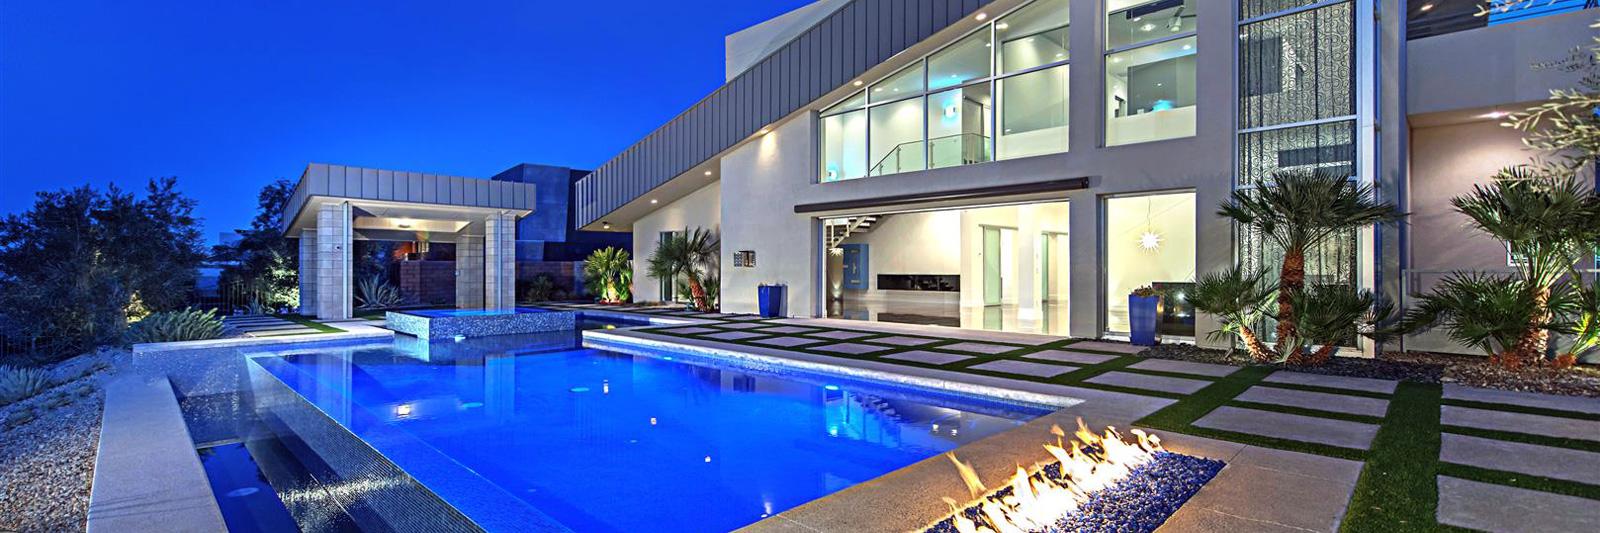 The Ridges Home For Sale 12 Meadowhawk Ln Las Vegas Nv